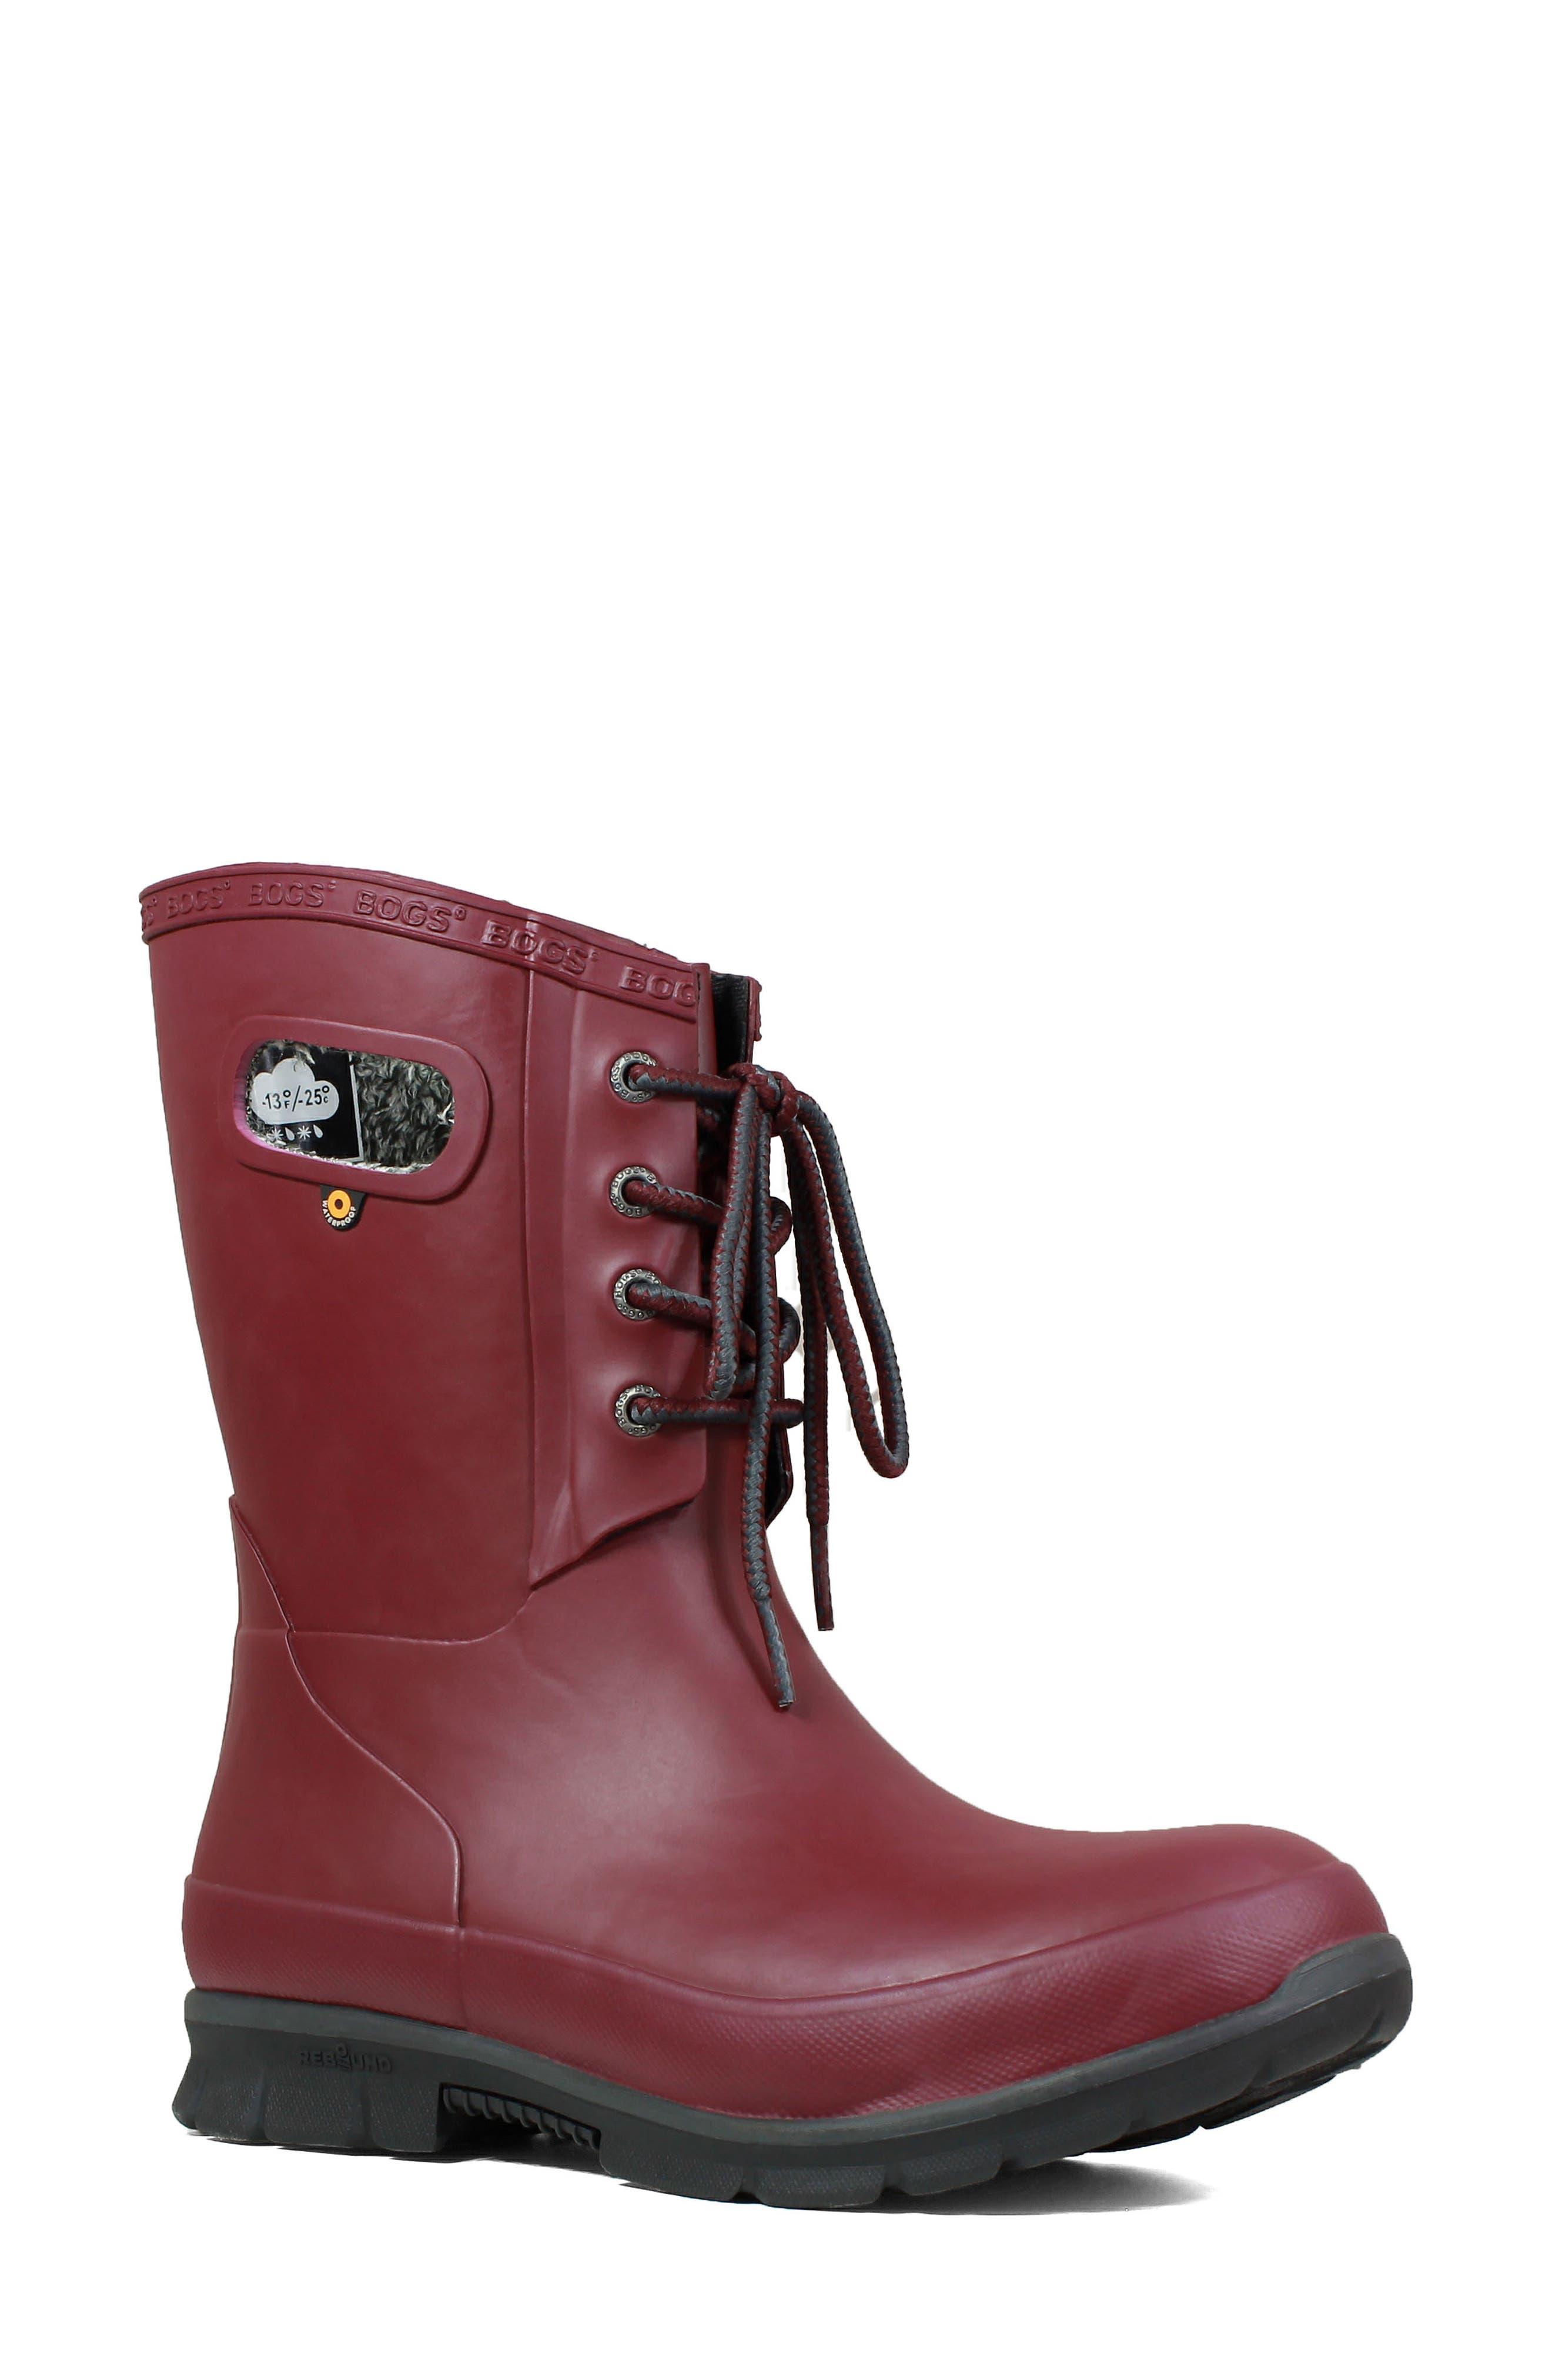 Bogs Amanda Plush Waterproof Rain Boot, Burgundy